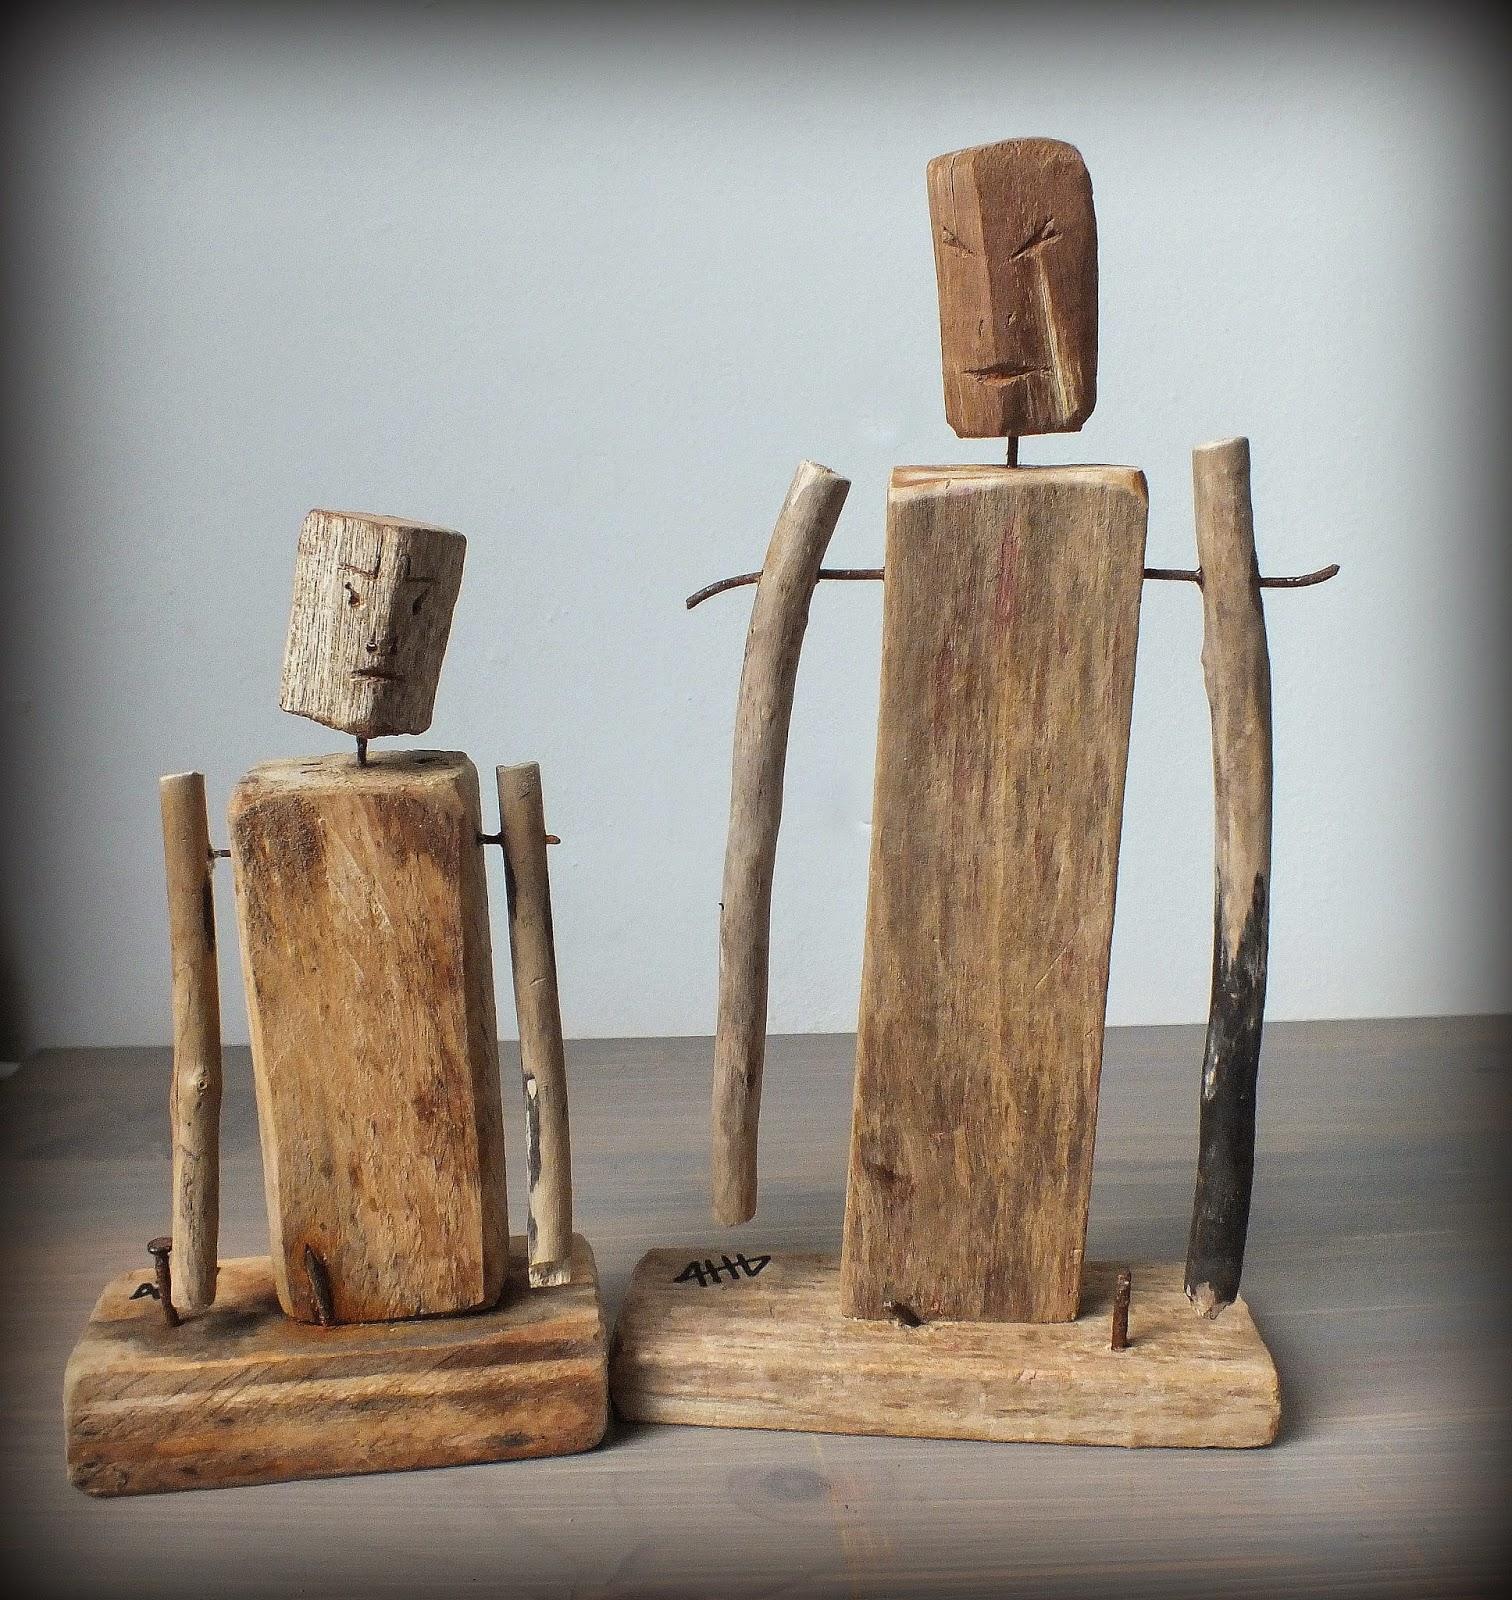 mutoz inc art en bois flott le bois flott c 39 est aussi des objets de d co. Black Bedroom Furniture Sets. Home Design Ideas